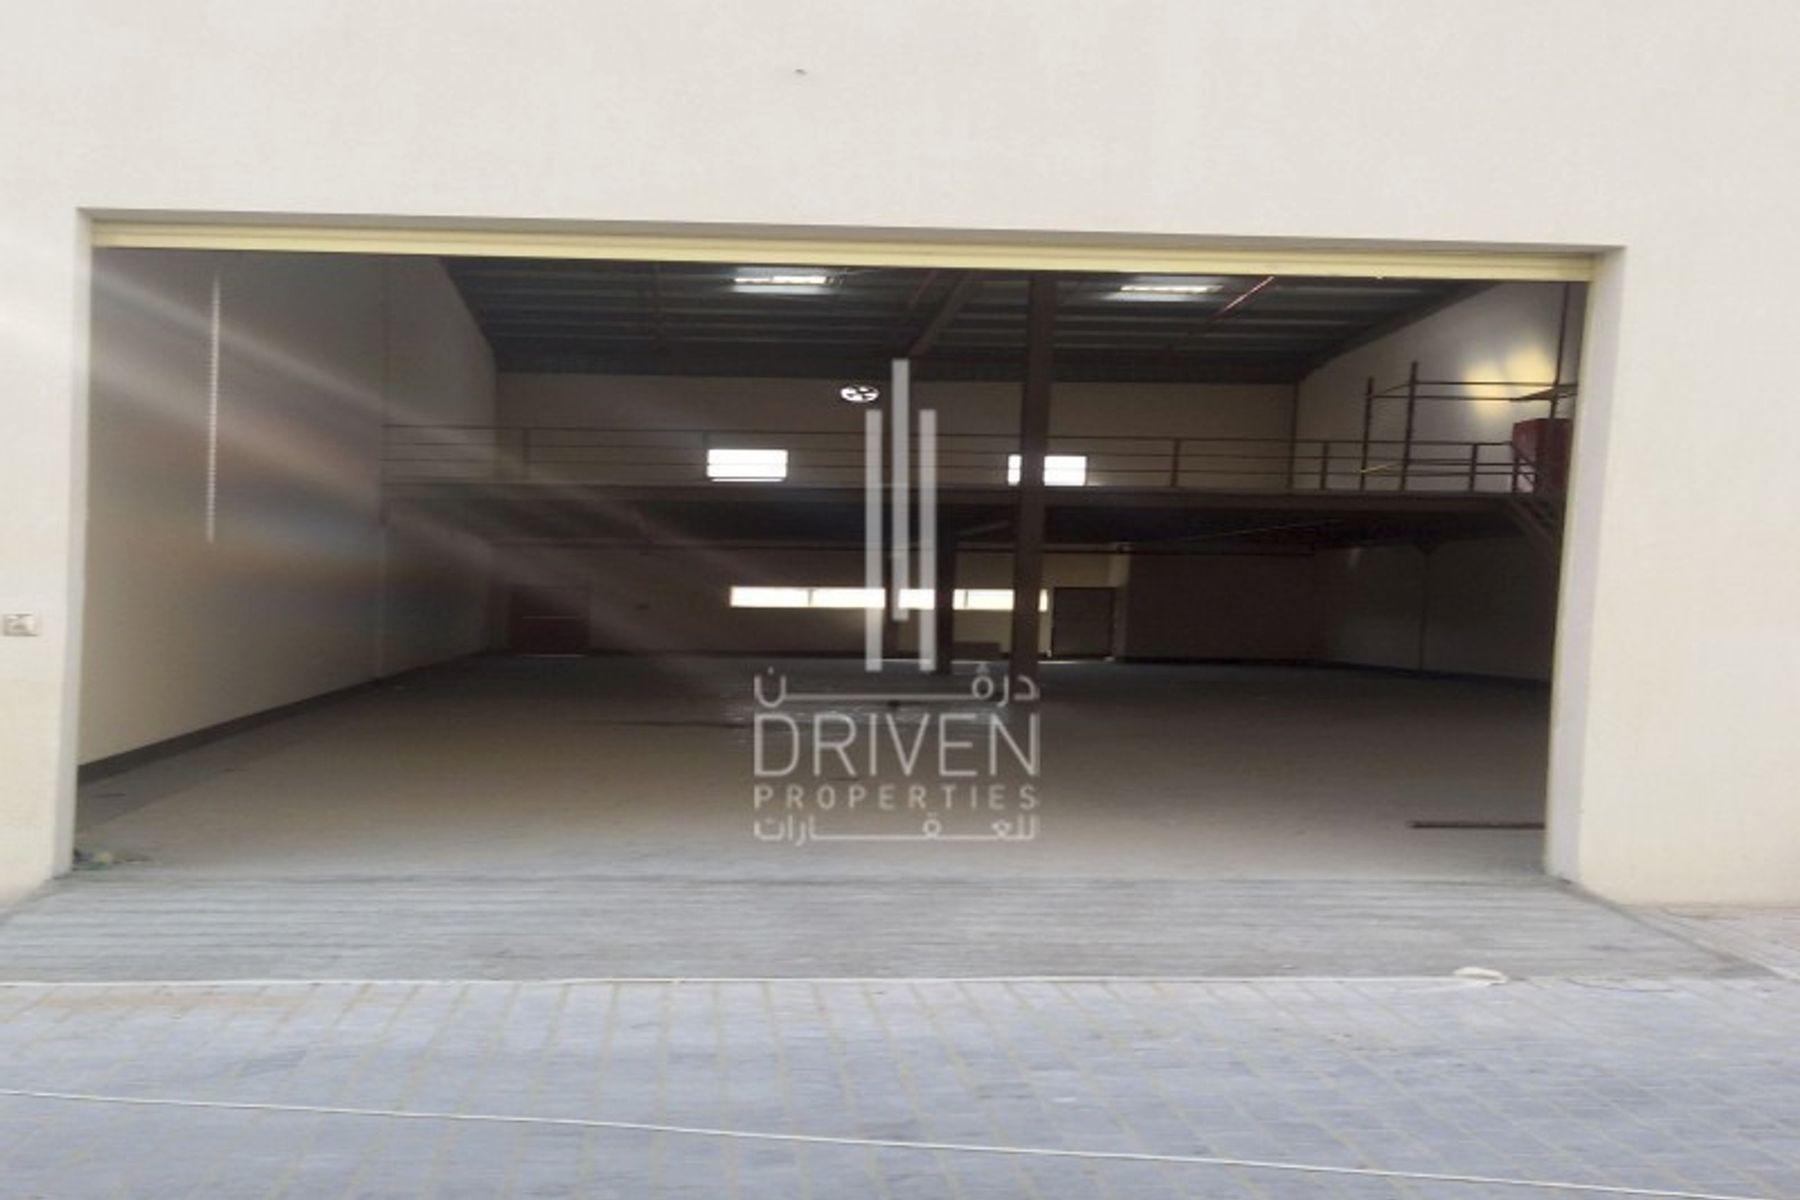 للايجار - مستودع - المرحلة 2 - مجمع دبي للإستثمار